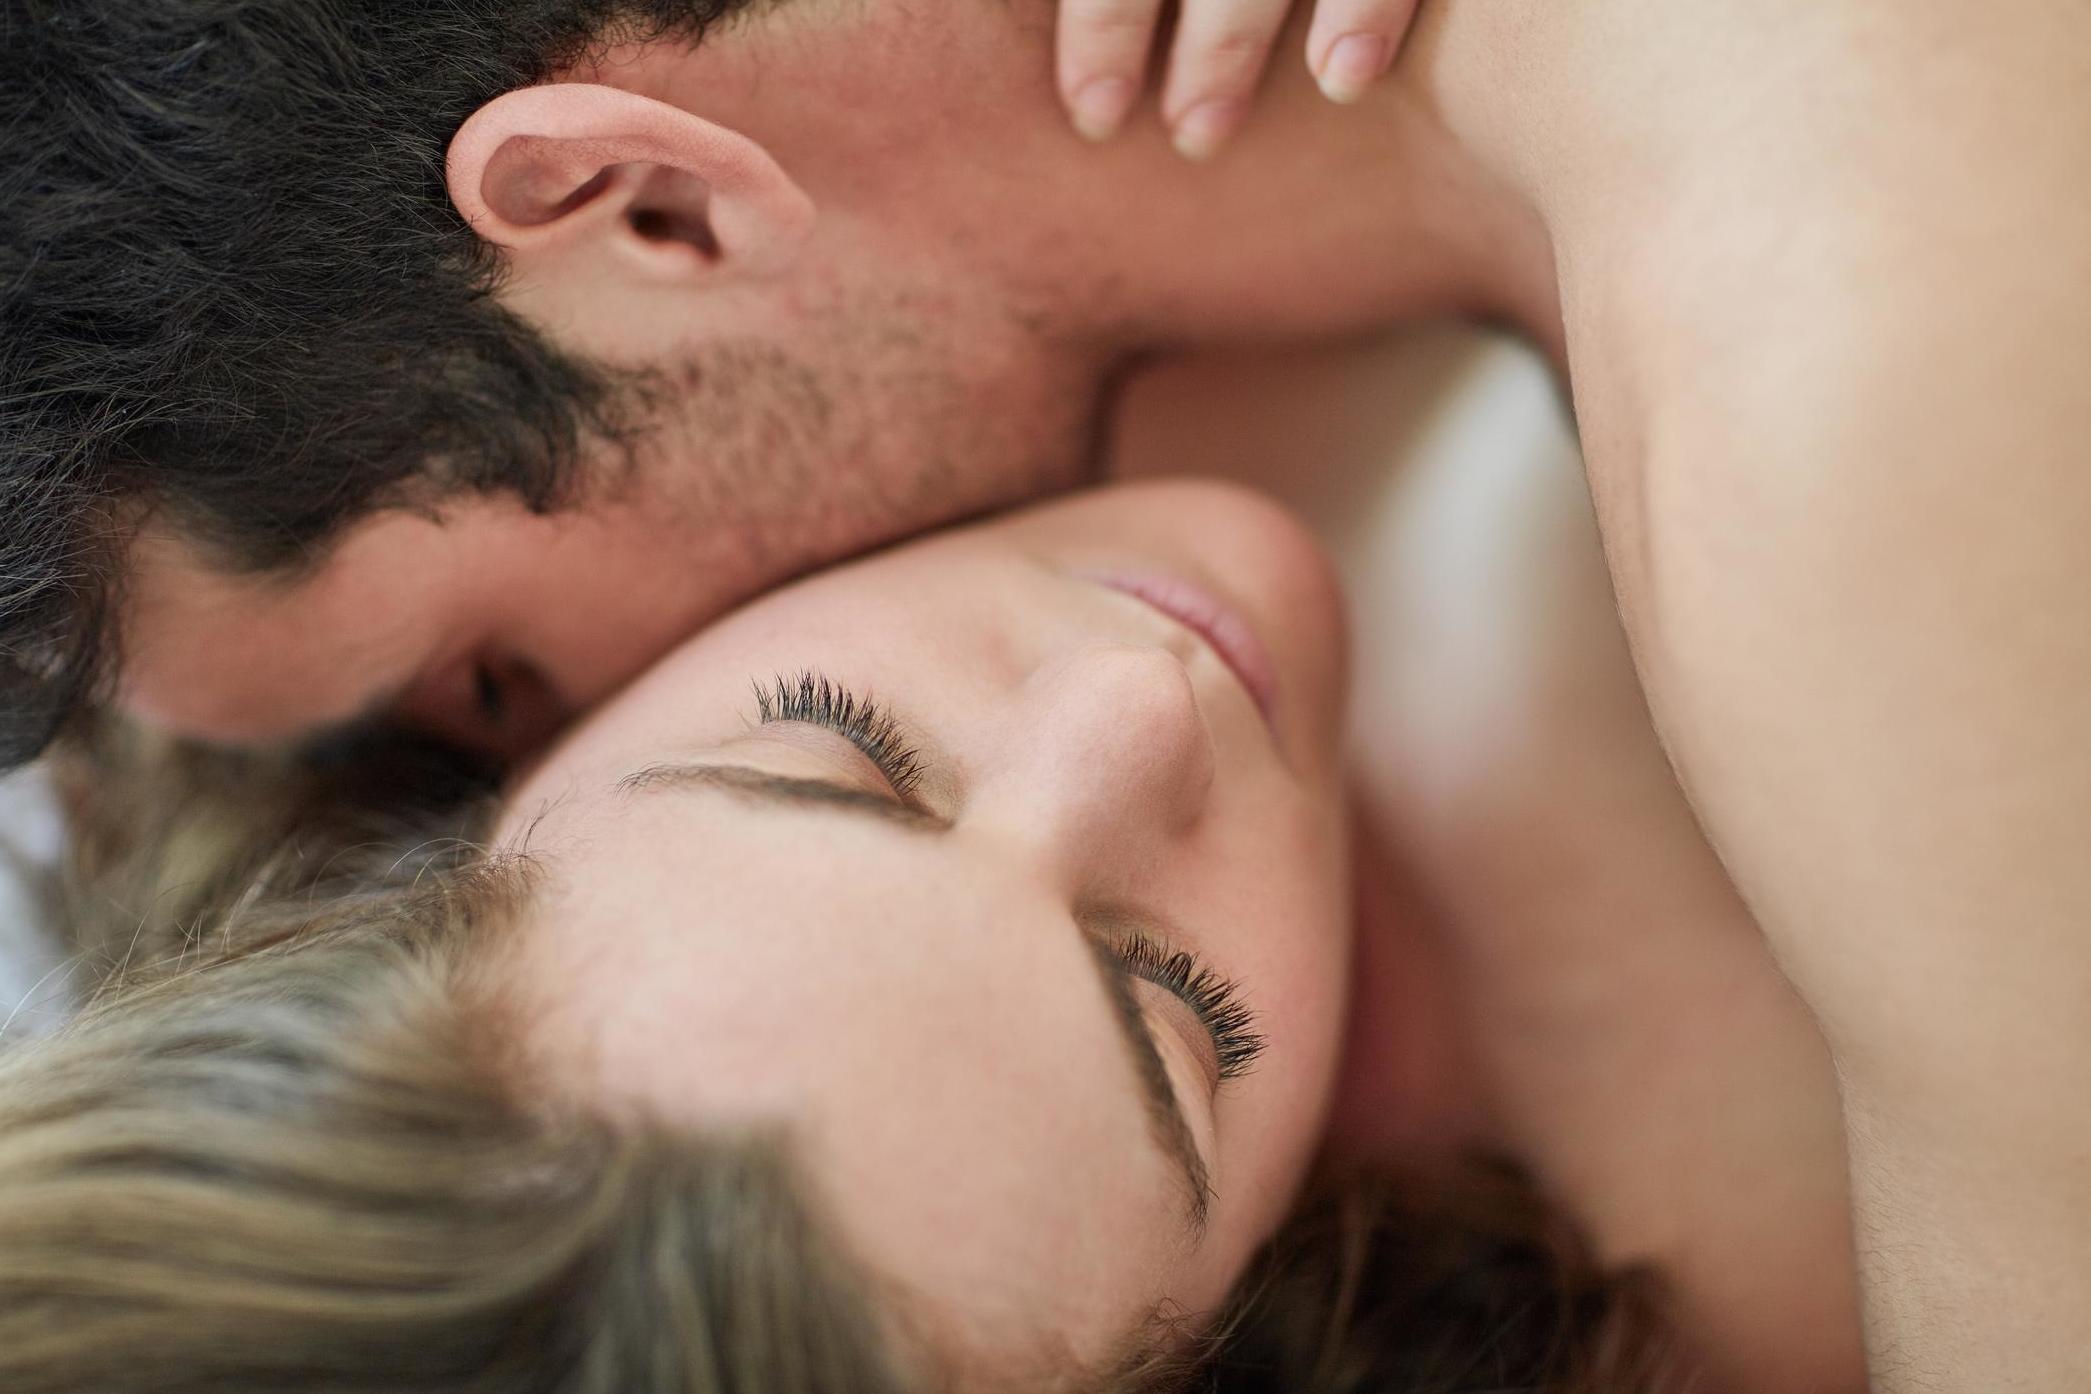 Секс и окружение, Особенности секса и цвета кожи 25 фотография